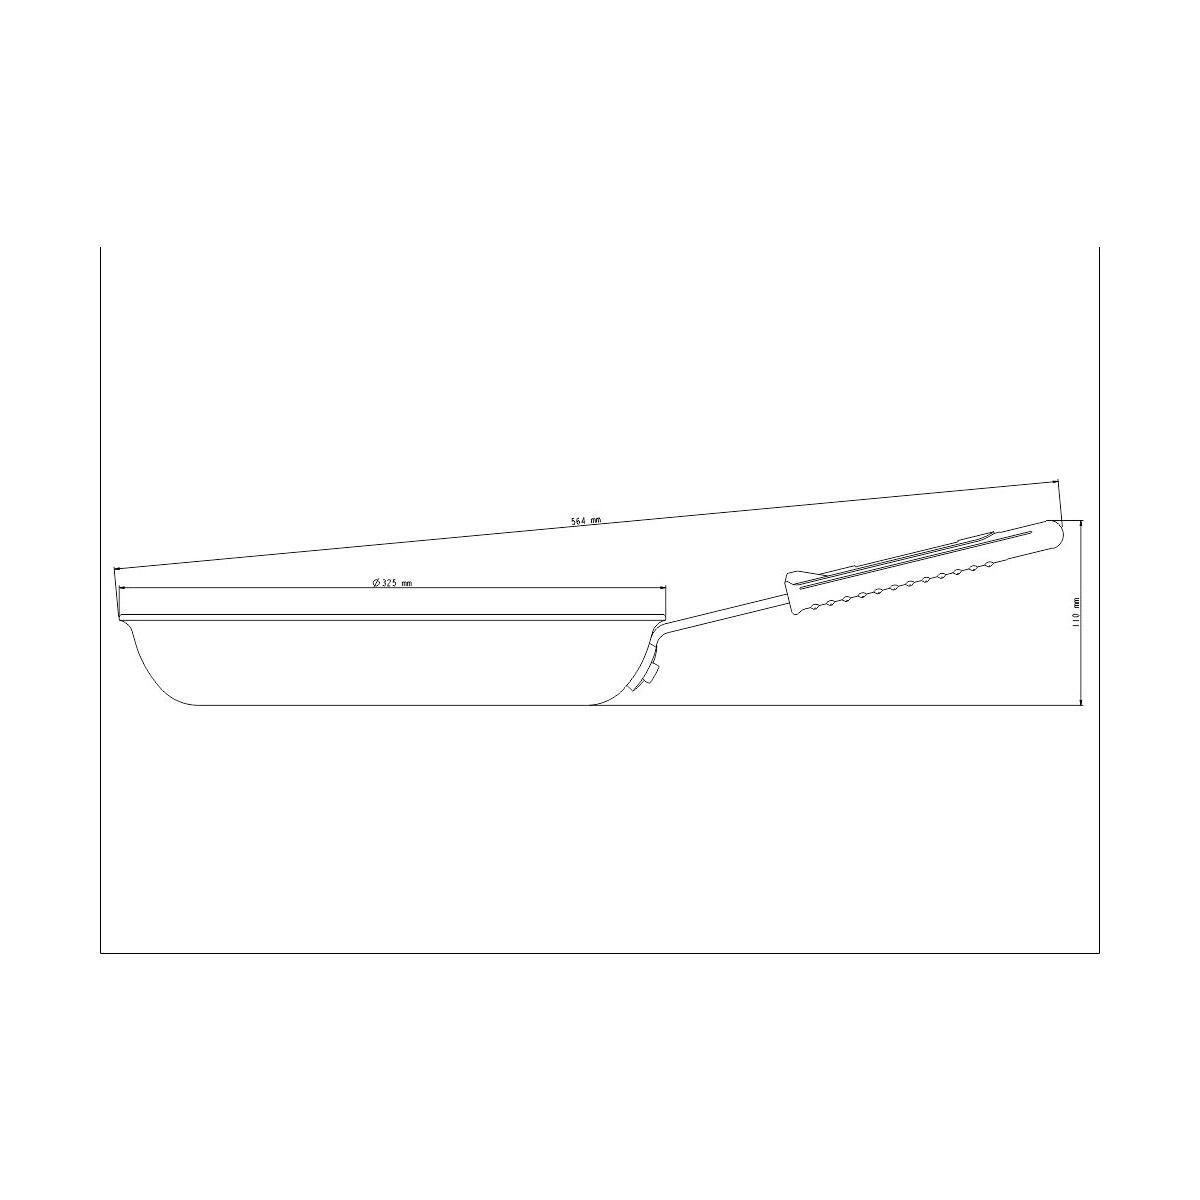 Frigideira Tramontina Profissional em Alumínio Acabamento Externo Lixado com Revestimento Interno Antiaderente Starflon T3 Cabo Aço Inox e Silicone 30 cm 3,1 L Tramontina 20890030